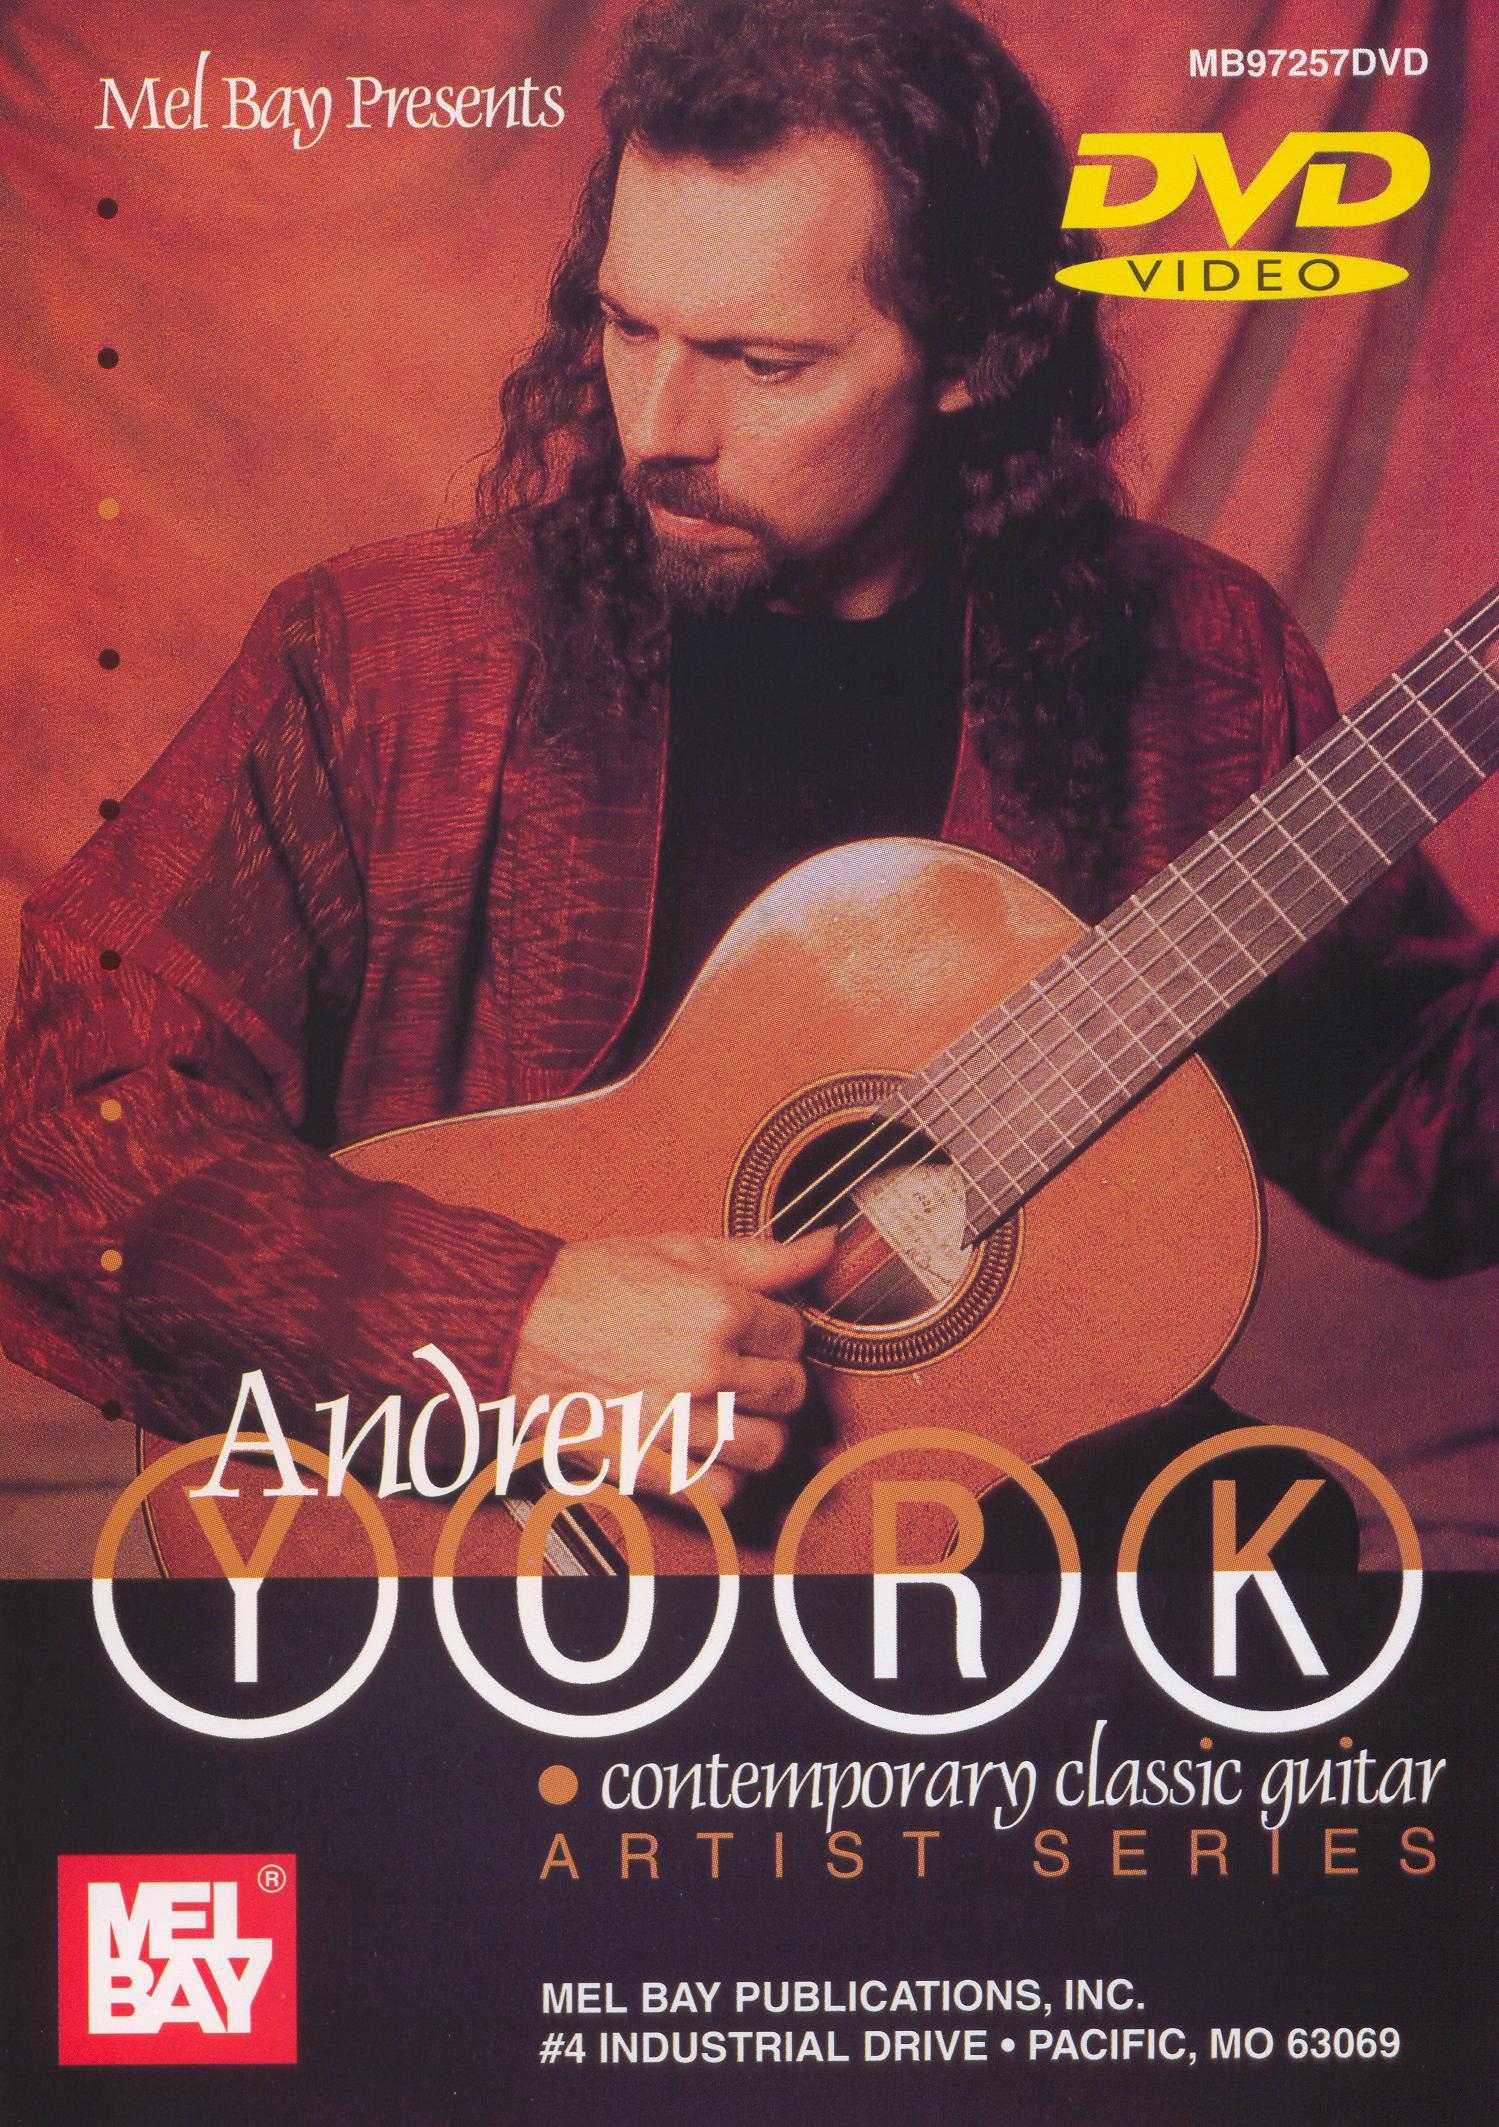 Andrew York: Contemporary Classic Guitar